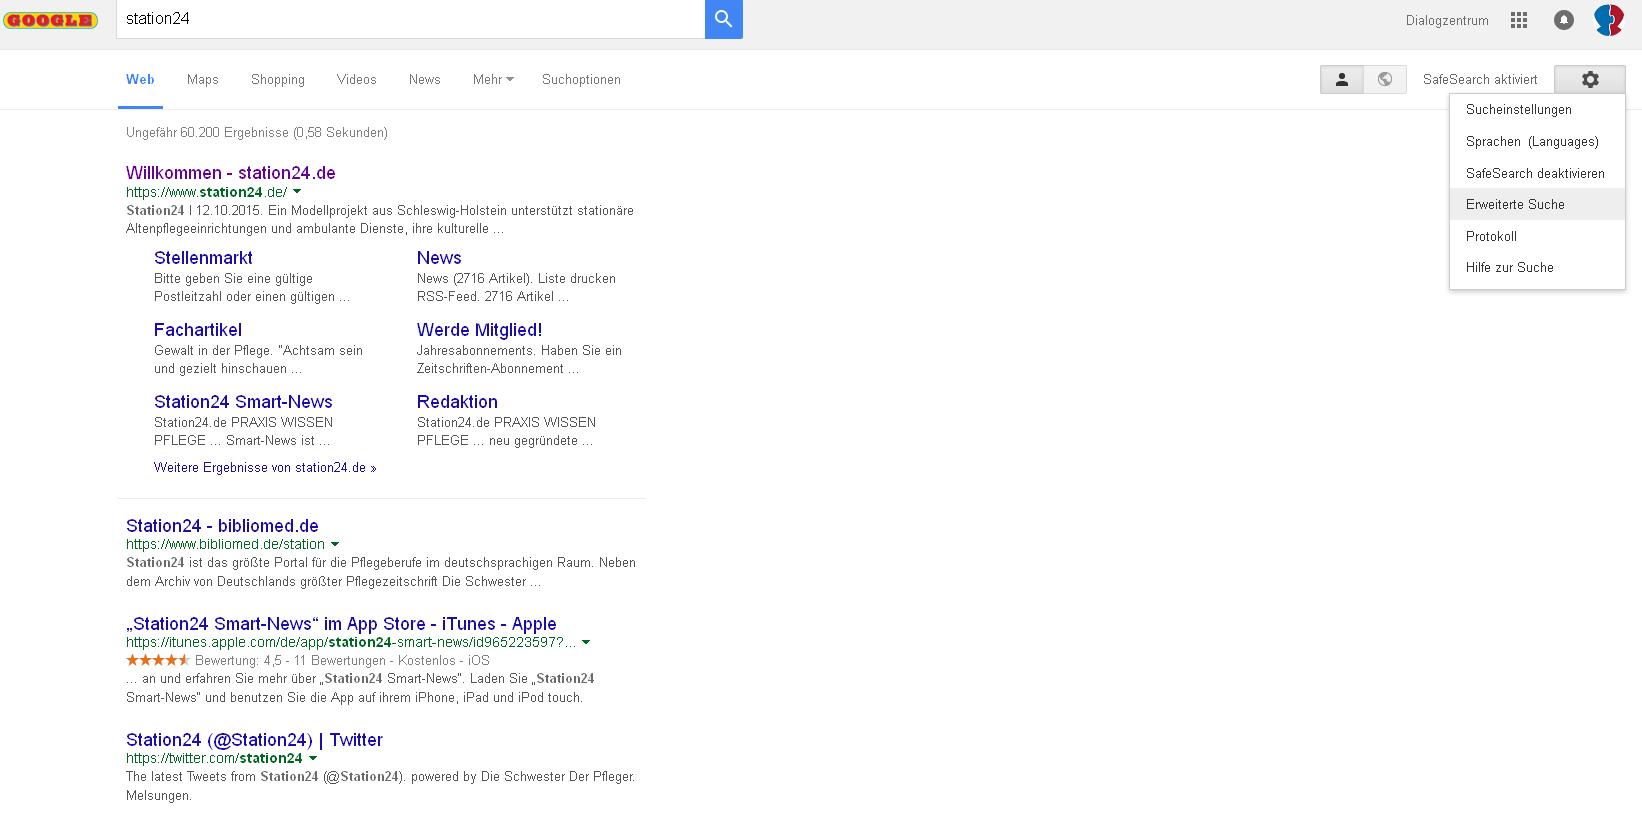 Tolle Suche Wird Auf Google Fortgesetzt Bilder - Entry Level Resume ...